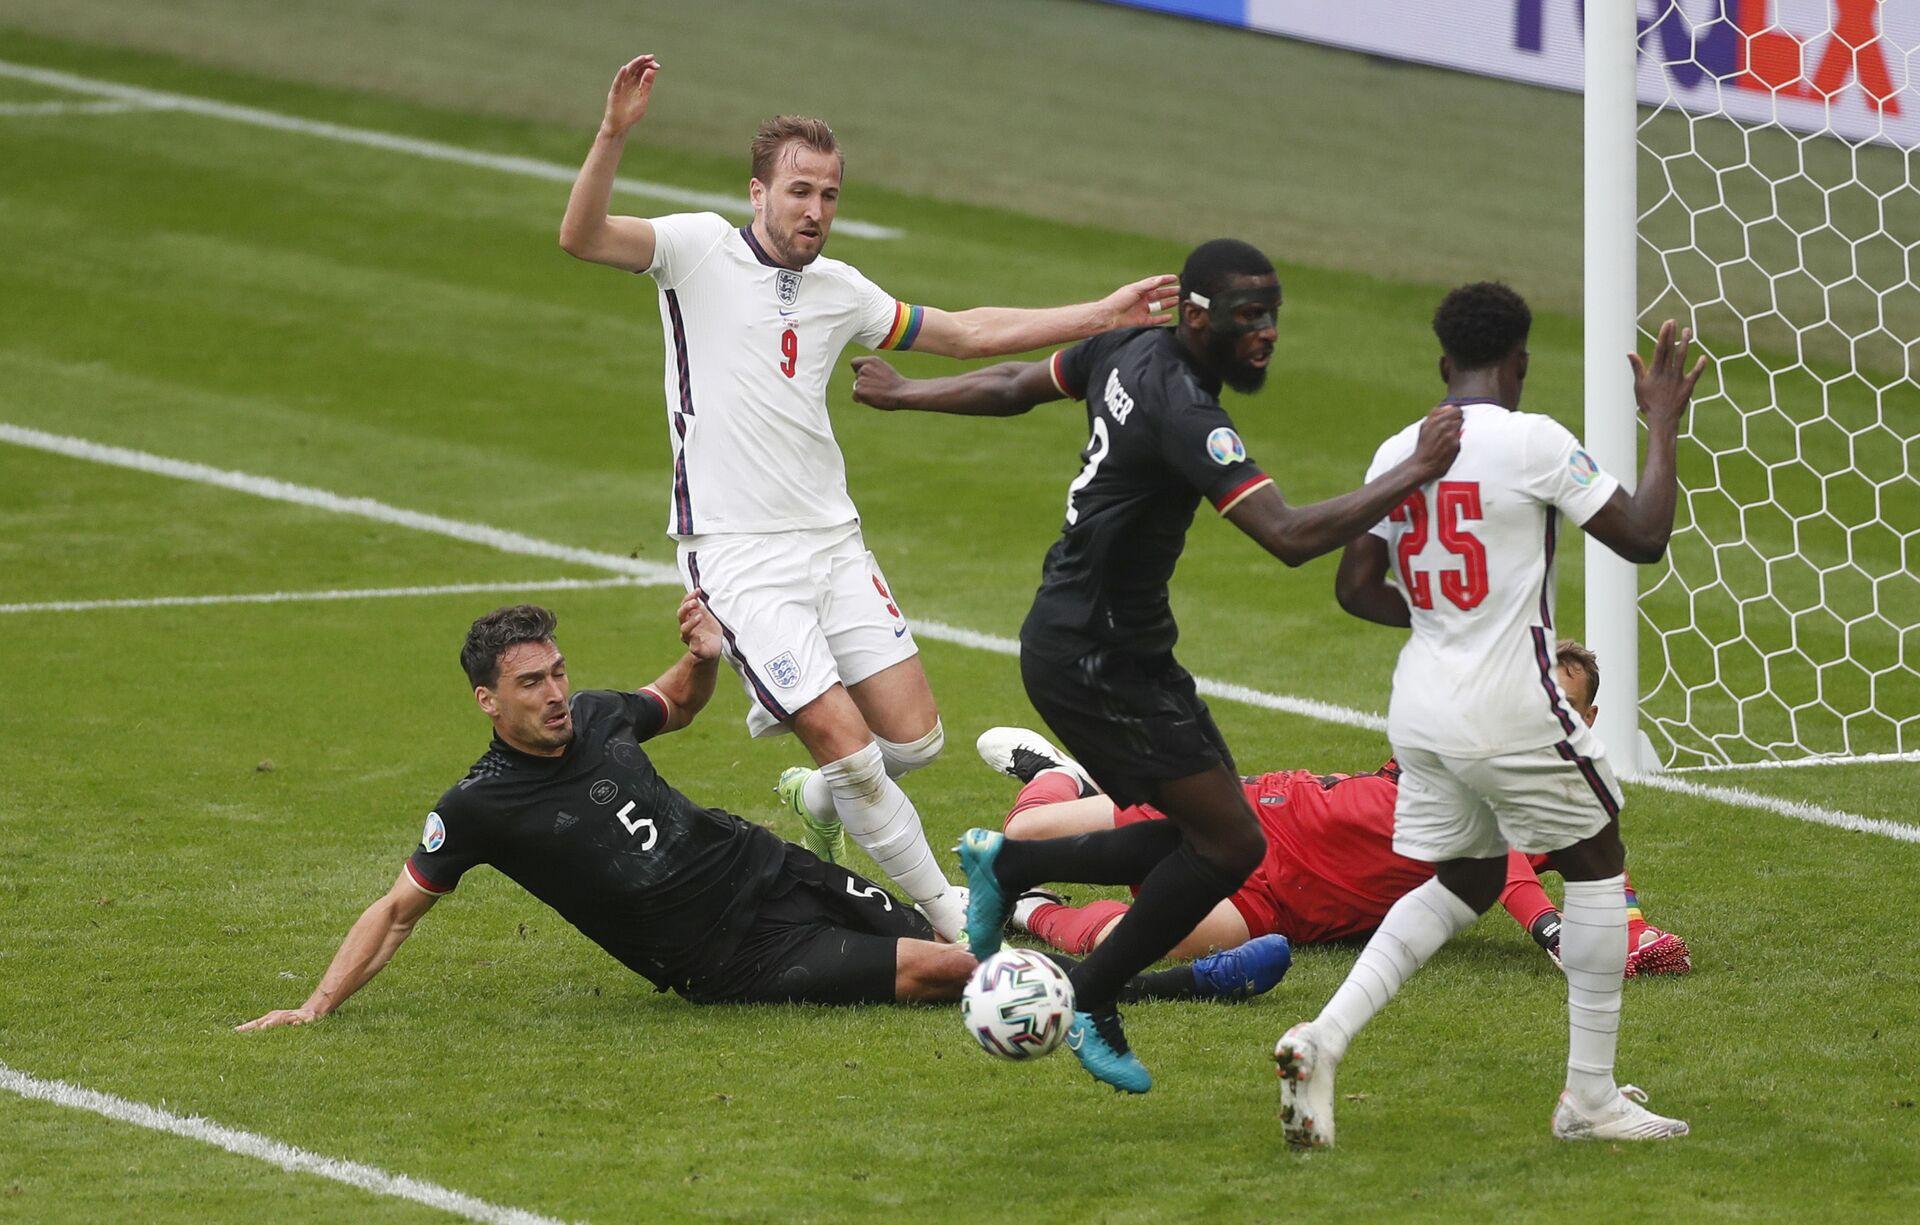 Vòng 1/8 EURO 2020: Đội Anh thắng đội Đức với tỷ số 2:0 - Sputnik Việt Nam, 1920, 30.06.2021